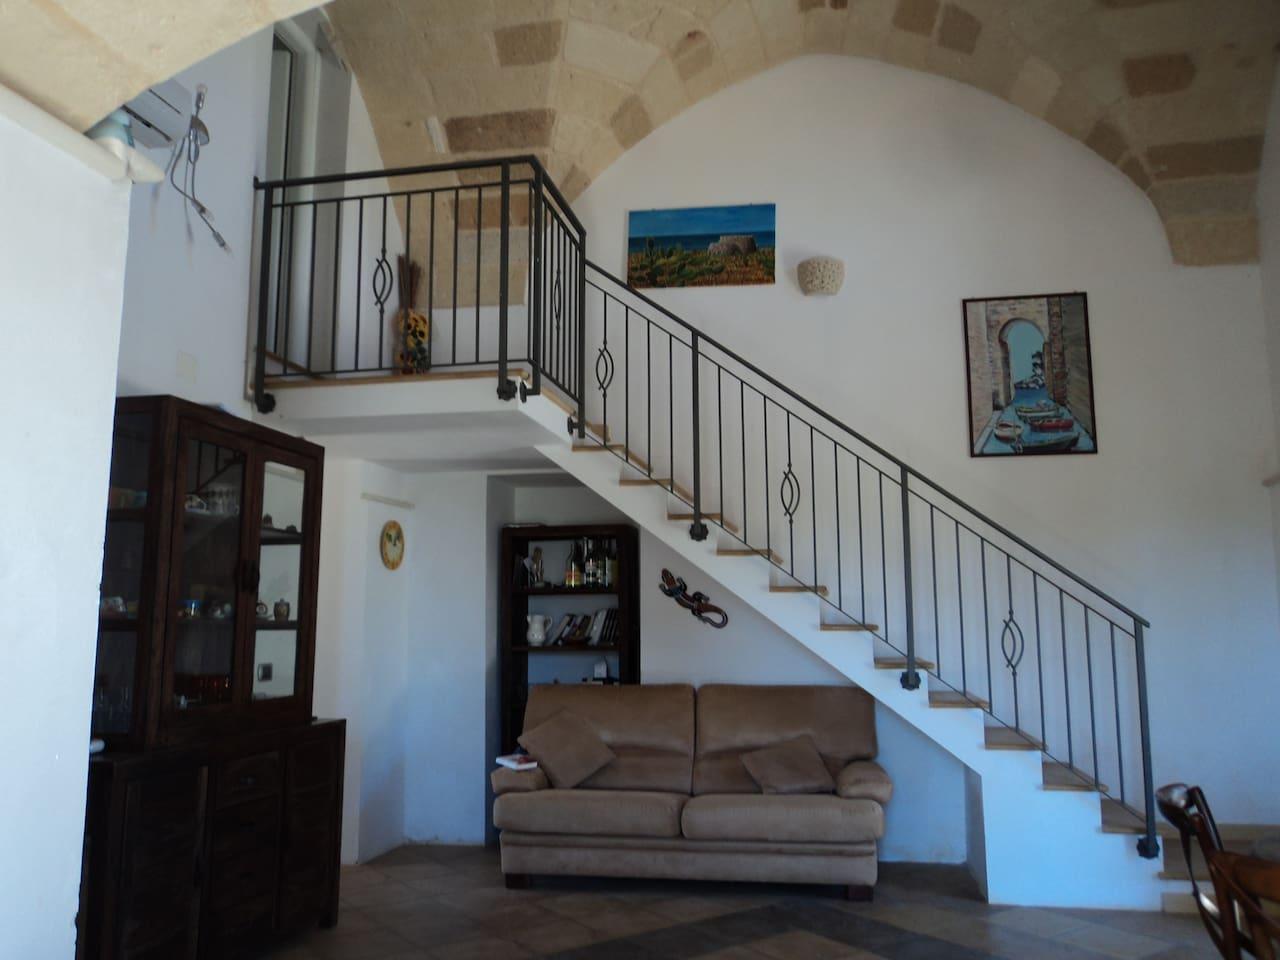 La sala con la scala che accede alla camera da letto nel soppalco